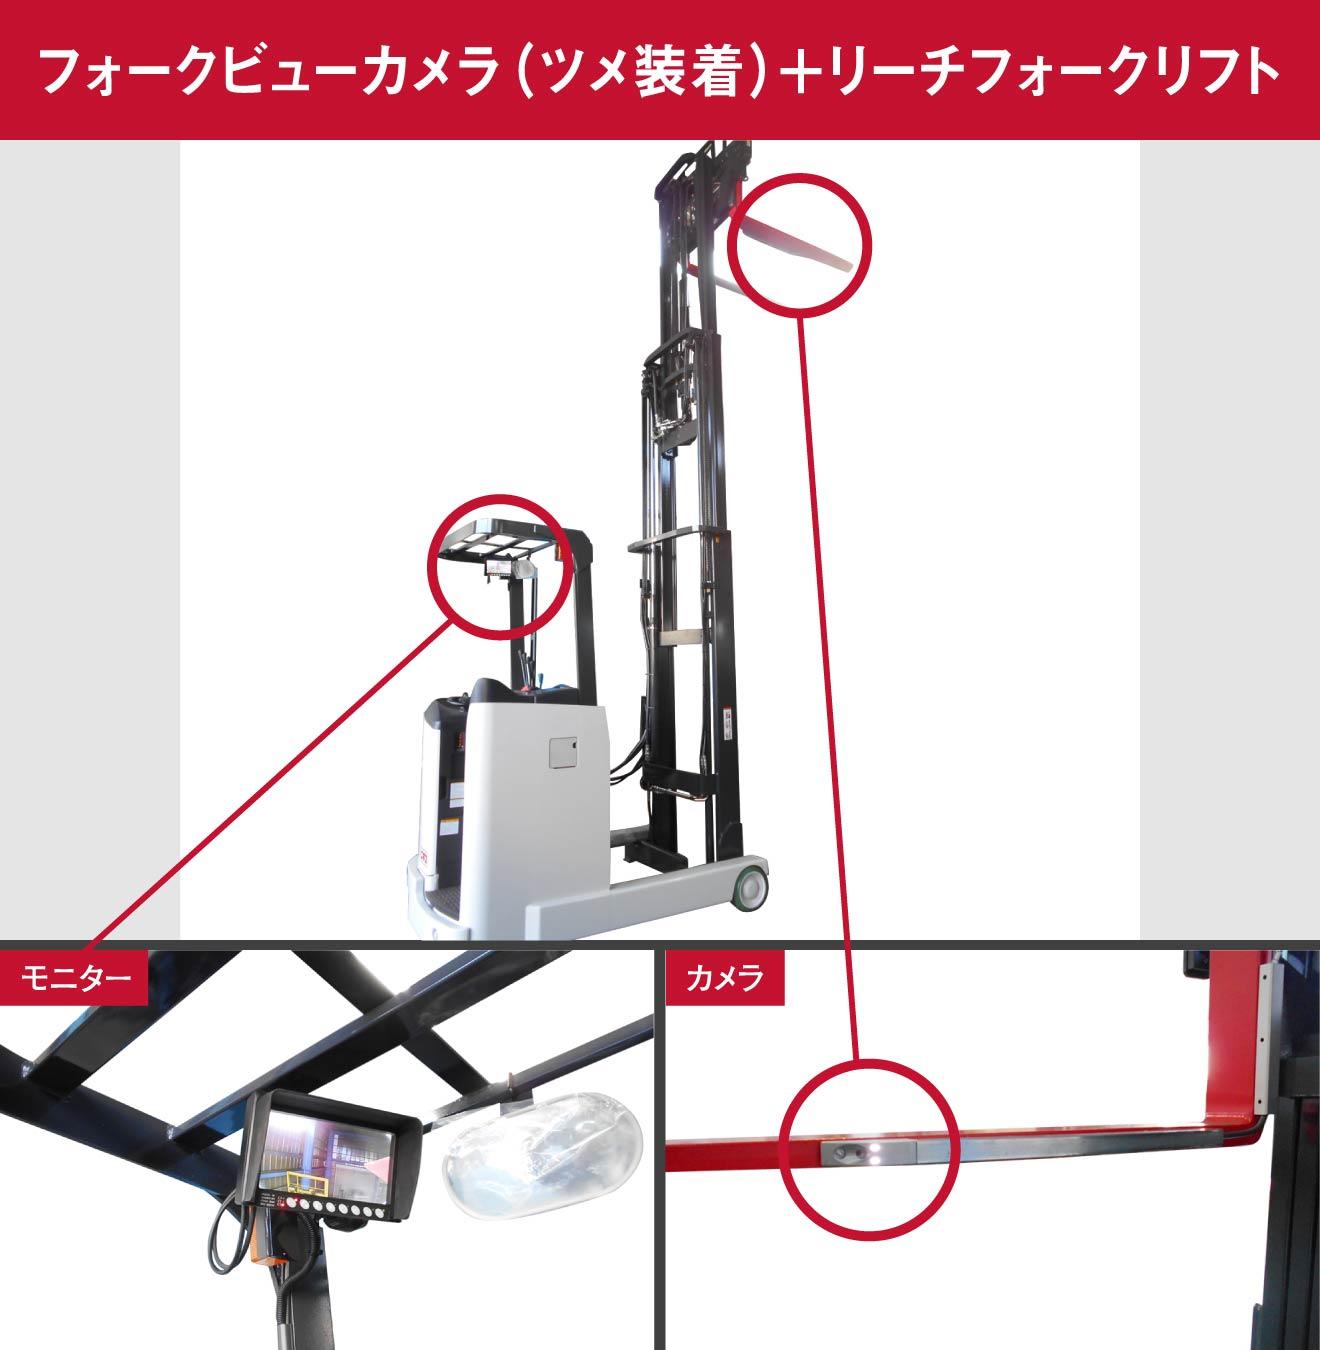 フォークビューカメラ(ツメ装着)+リーチフォークリフト